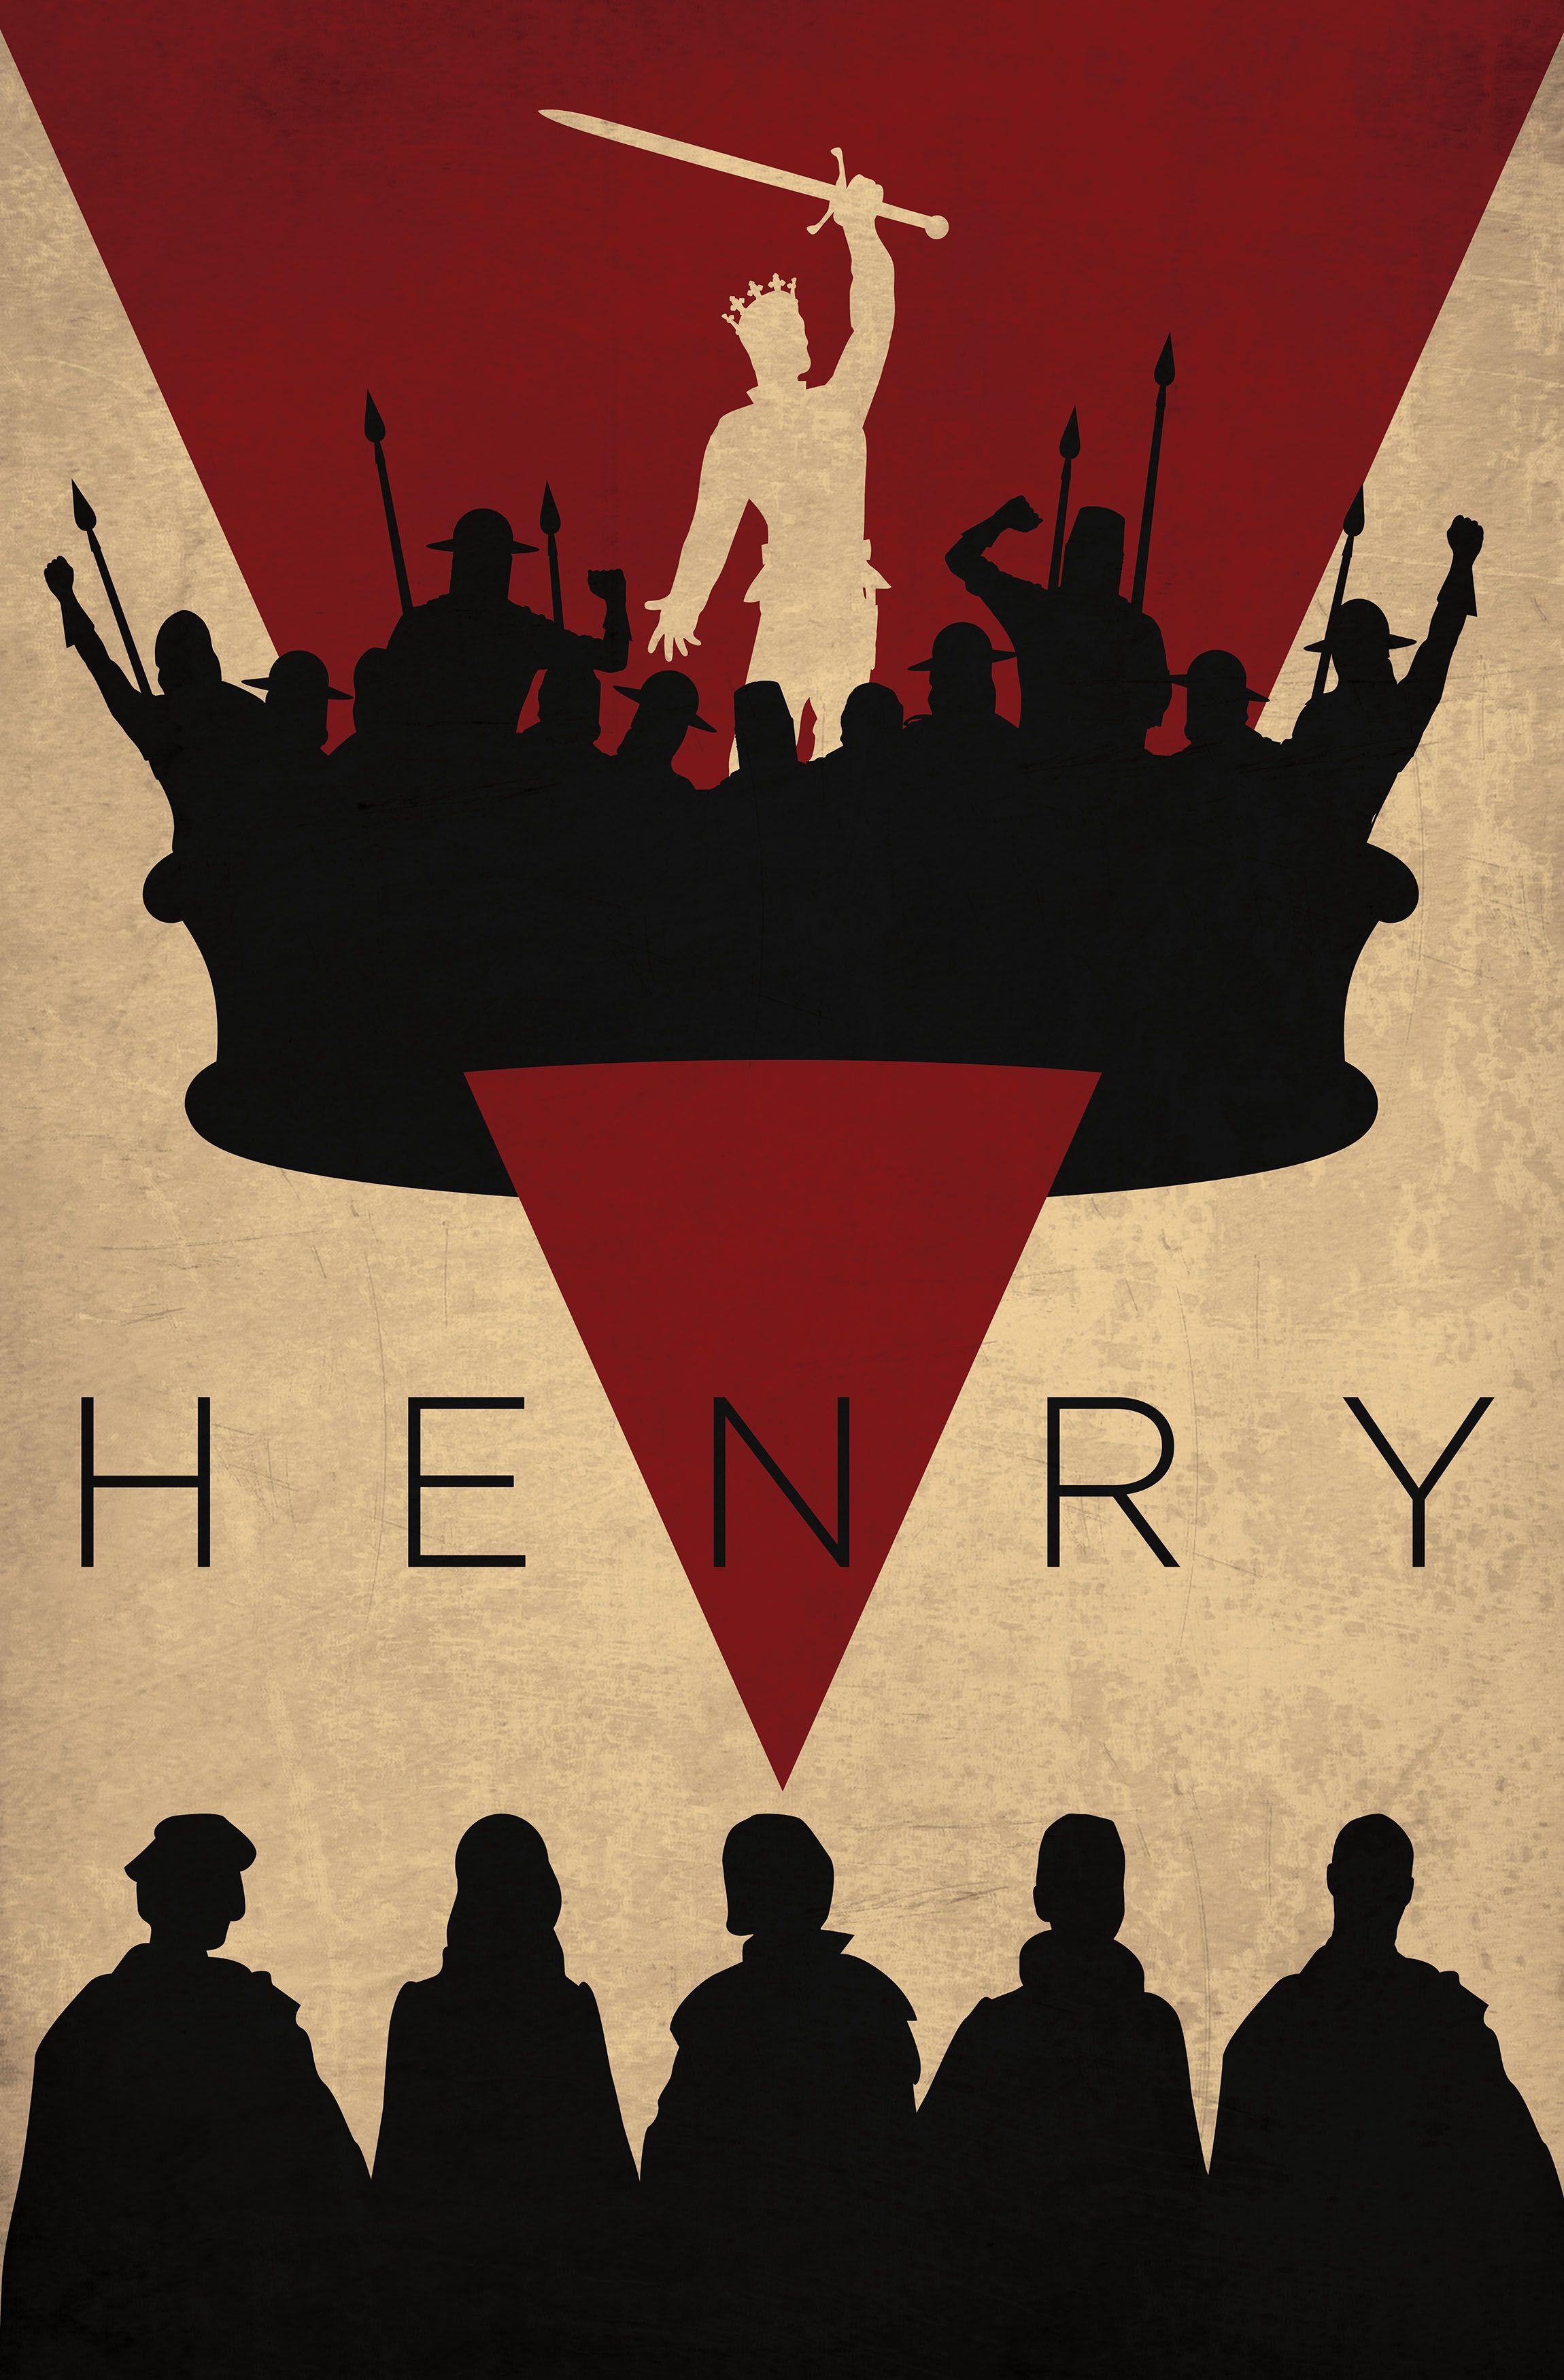 Henry V | Henry V | Pinterest | William shakespeare, Poster and Vs